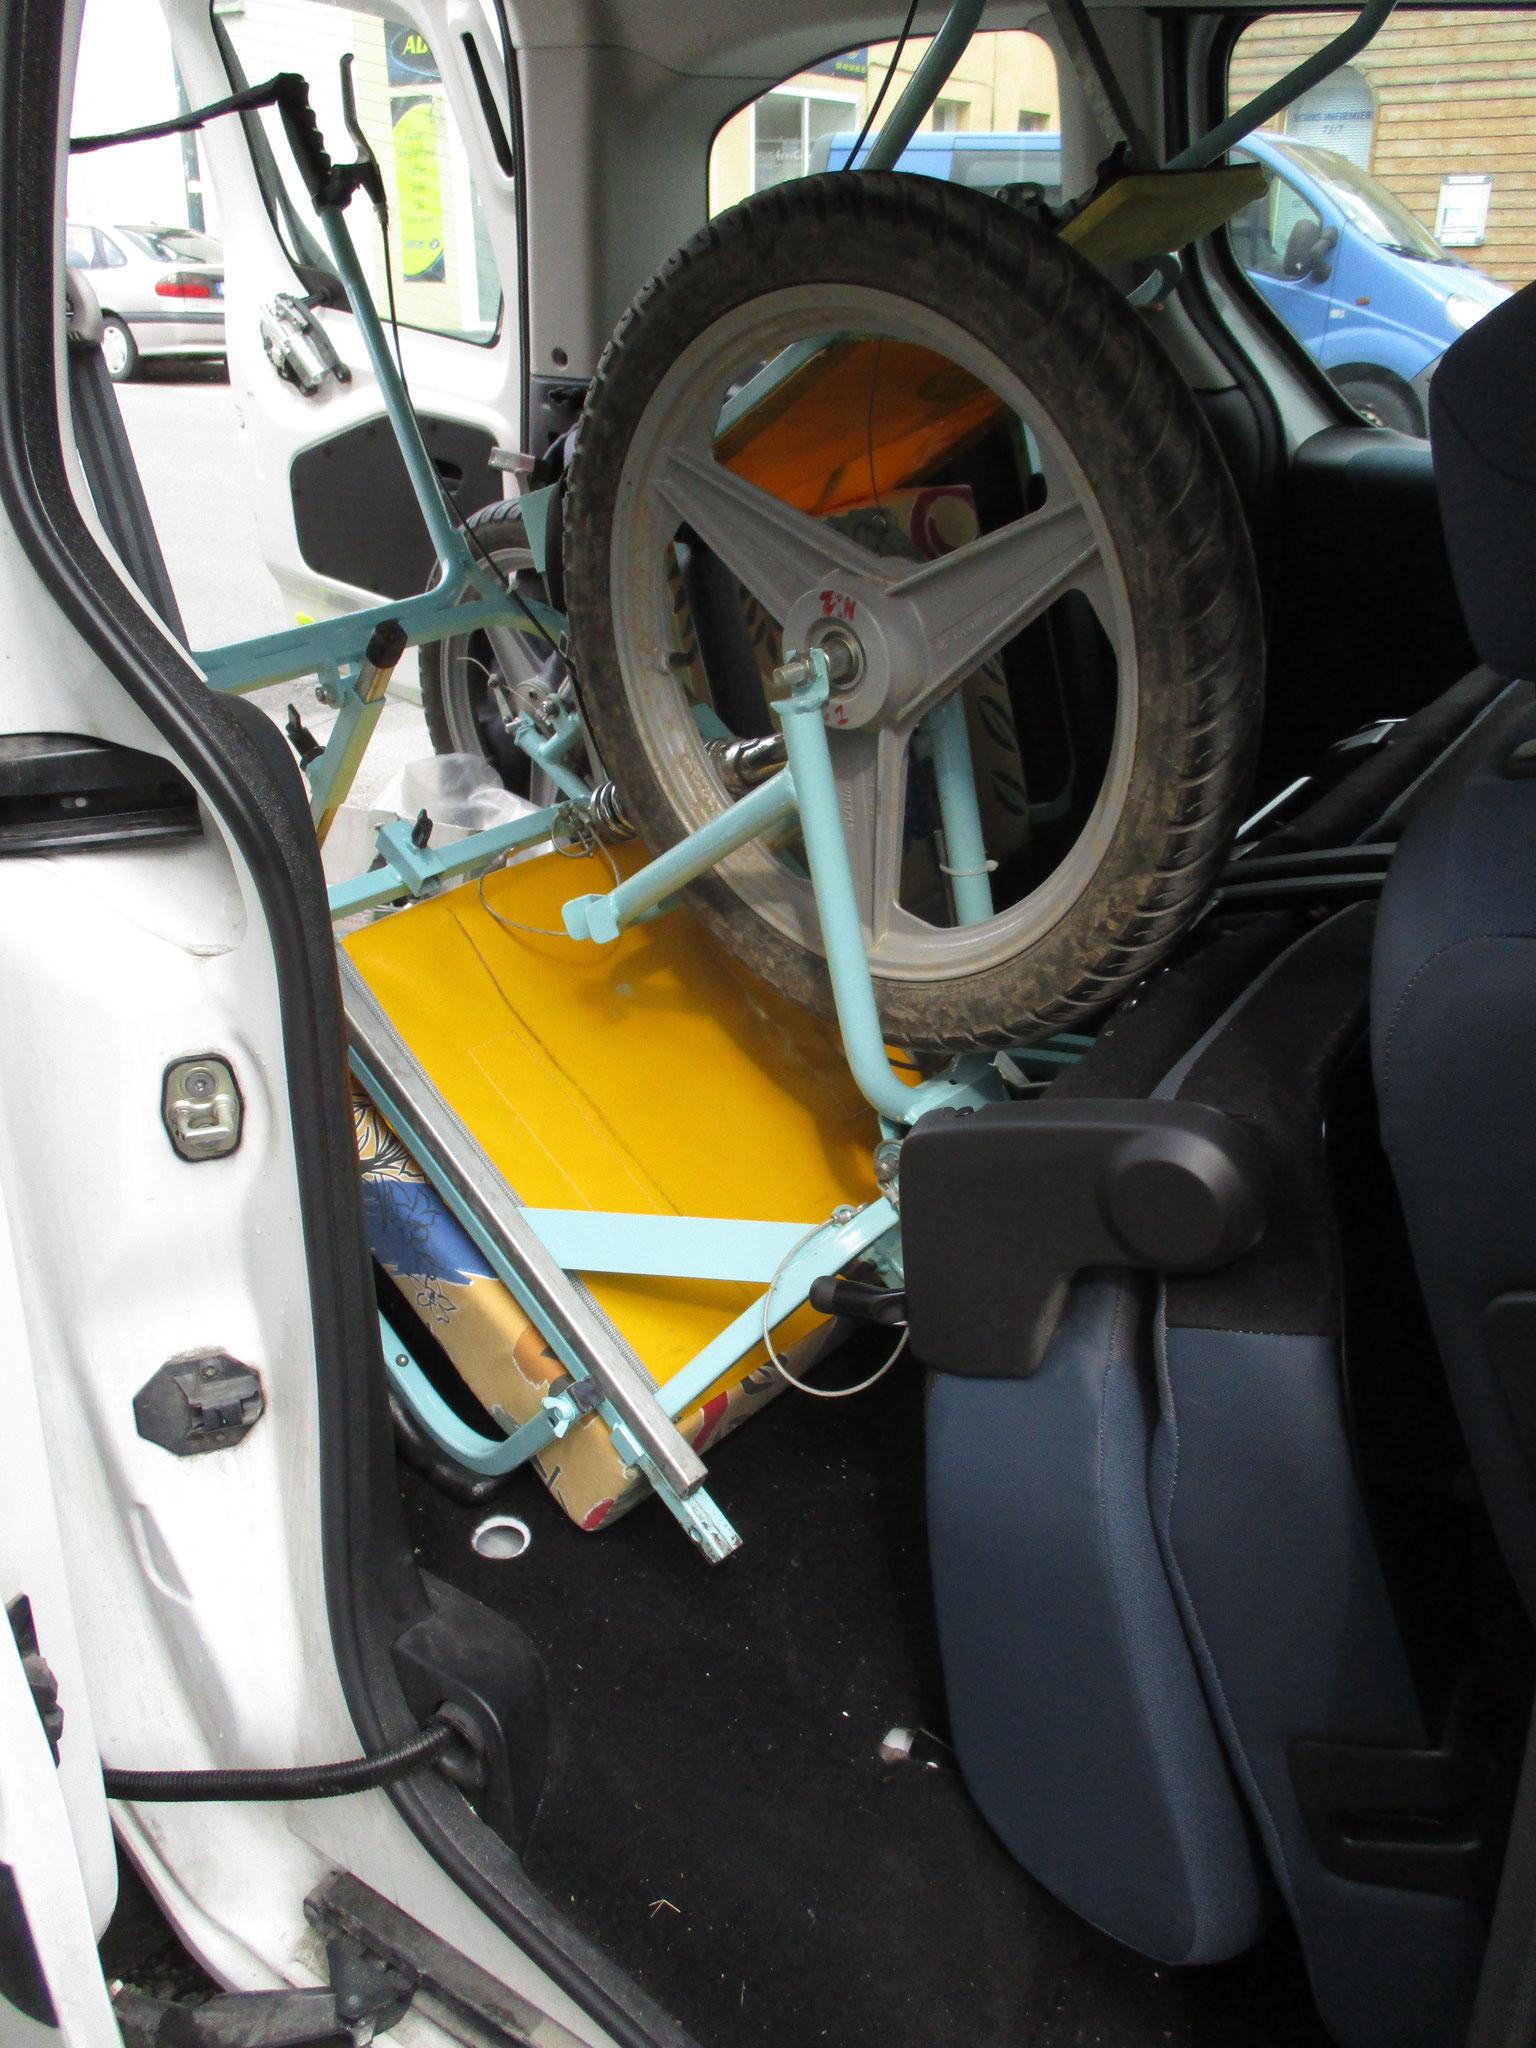 """2 Joëlettes (non pliées) dans un véhicule type """"Kangoo"""" vue sur le côté du véhicule"""